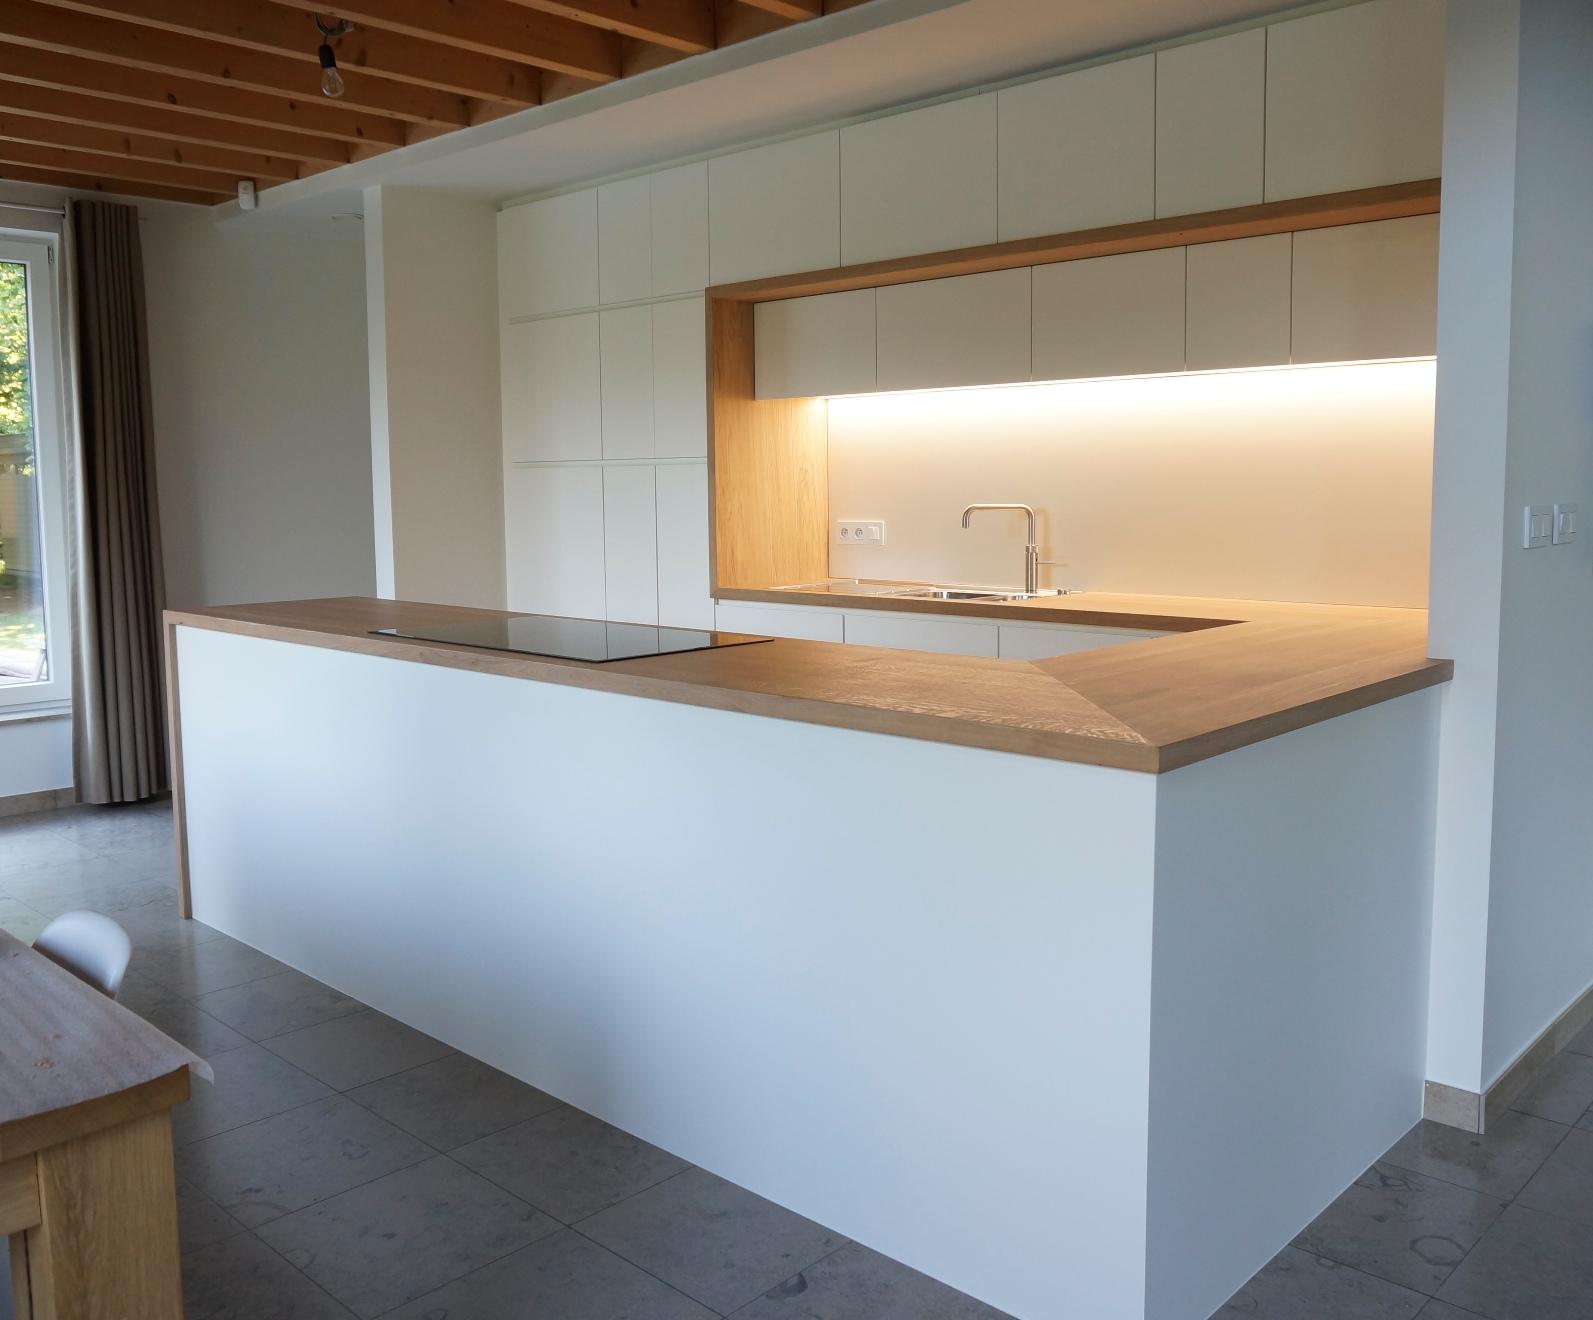 Eiken Keukens Belgie : Keuken met massief eiken werkblad en omlijsting (Belgie